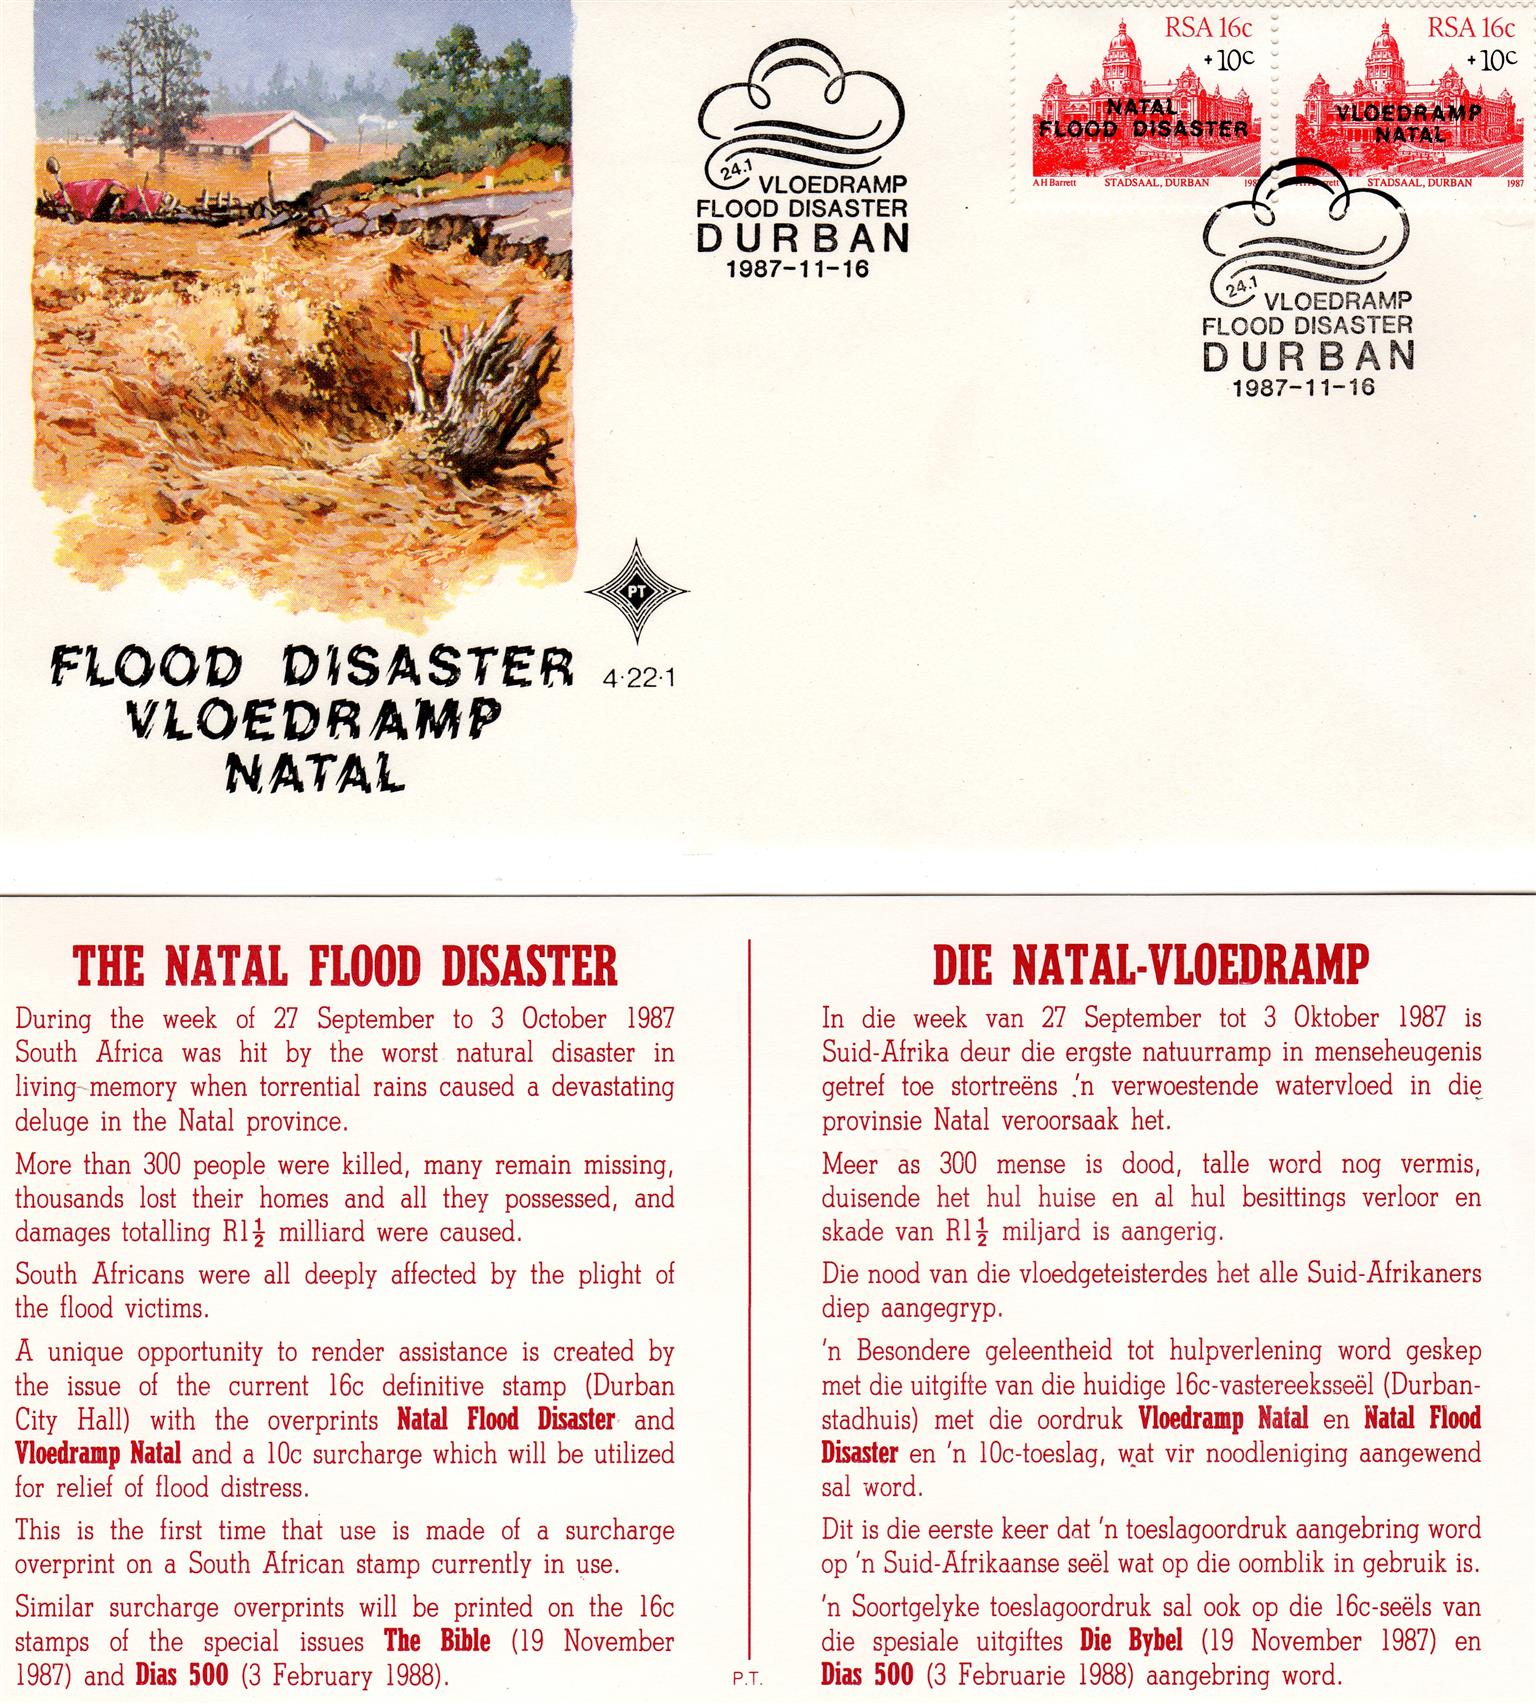 Commemorative Stamp & Envelope Set - The Natal Flood Disaster 1987